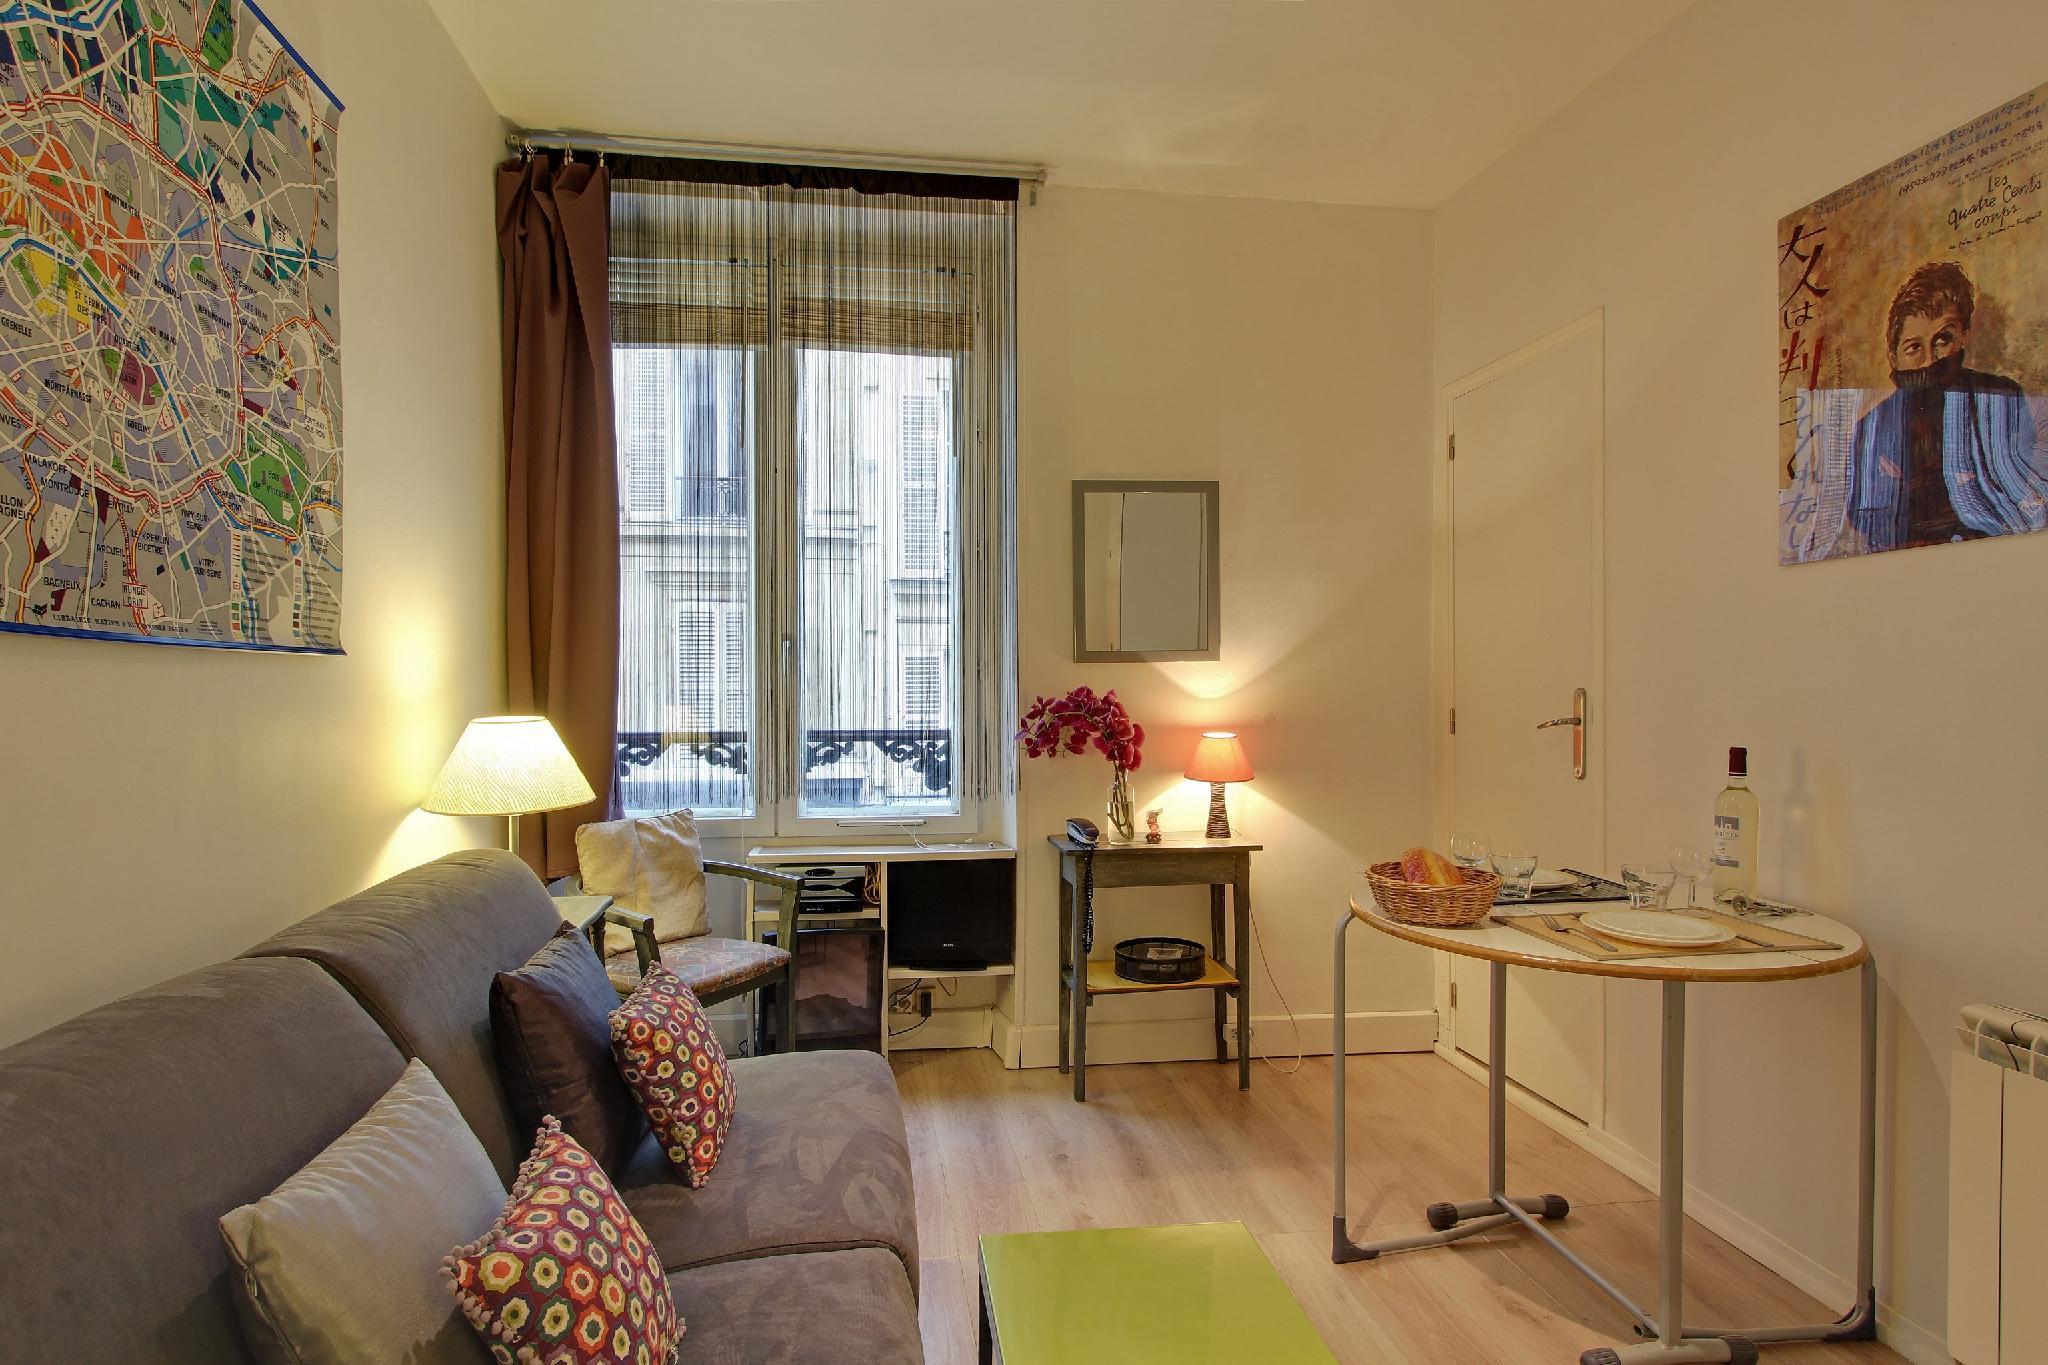 S11293 - Cozy studio for 2 people near the Place de la République